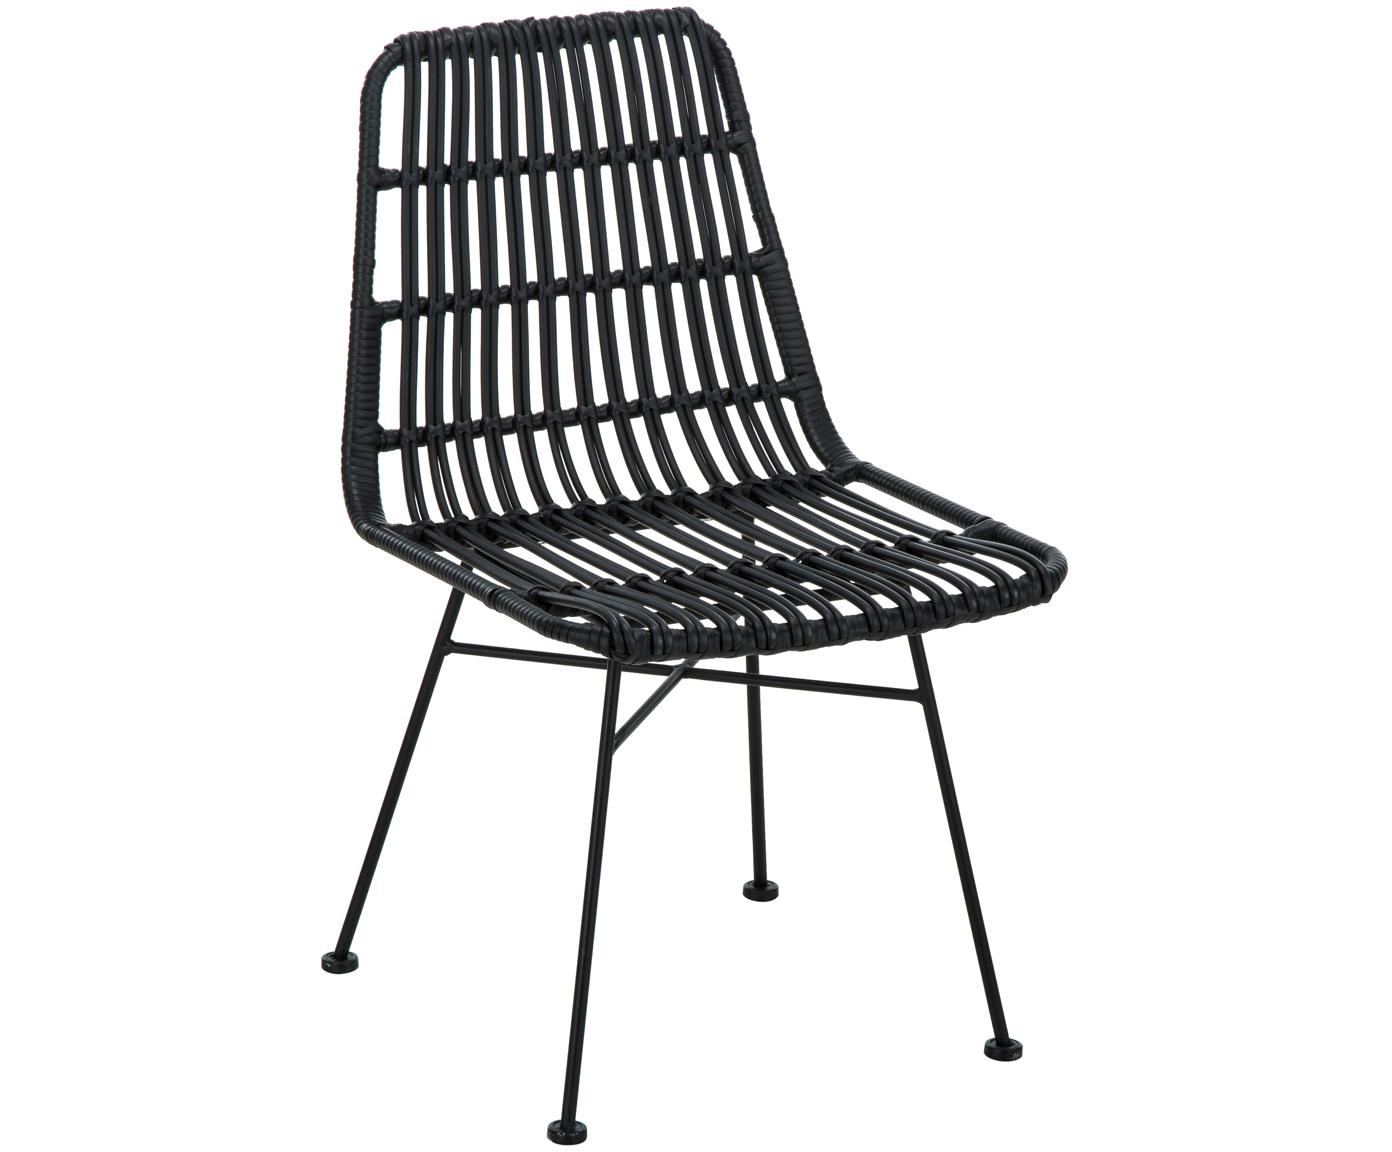 Sillas Tulum, 2uds., Asiento: polietileno, Estructura: metal con pintura en polv, Negro, An 47 x F 62 cm